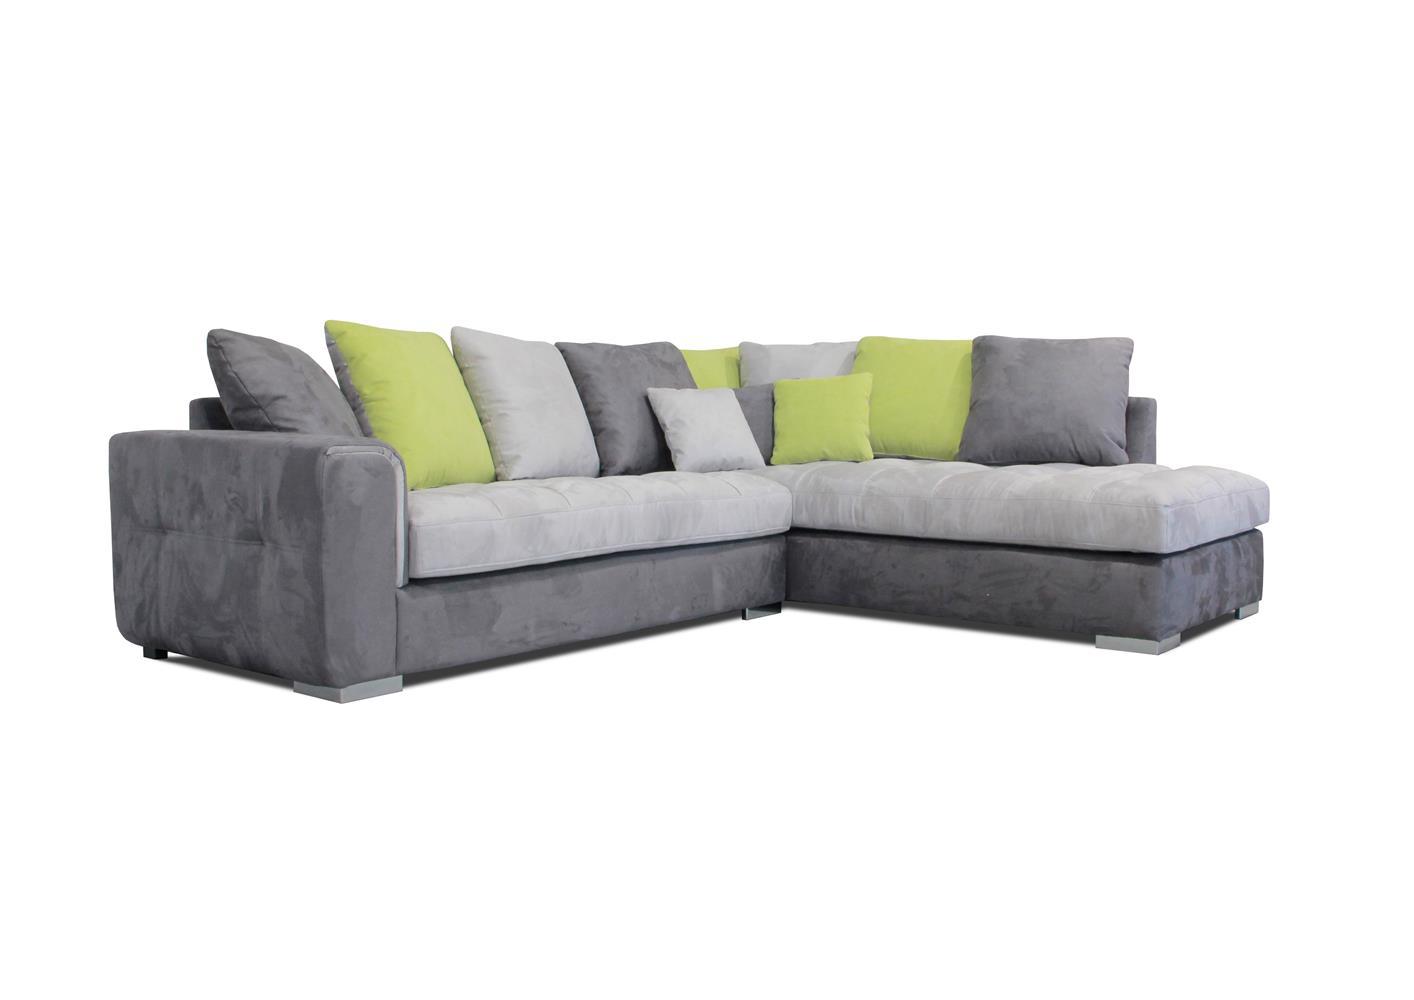 Acheter votre canapé d angle moderne coussins jetés gris